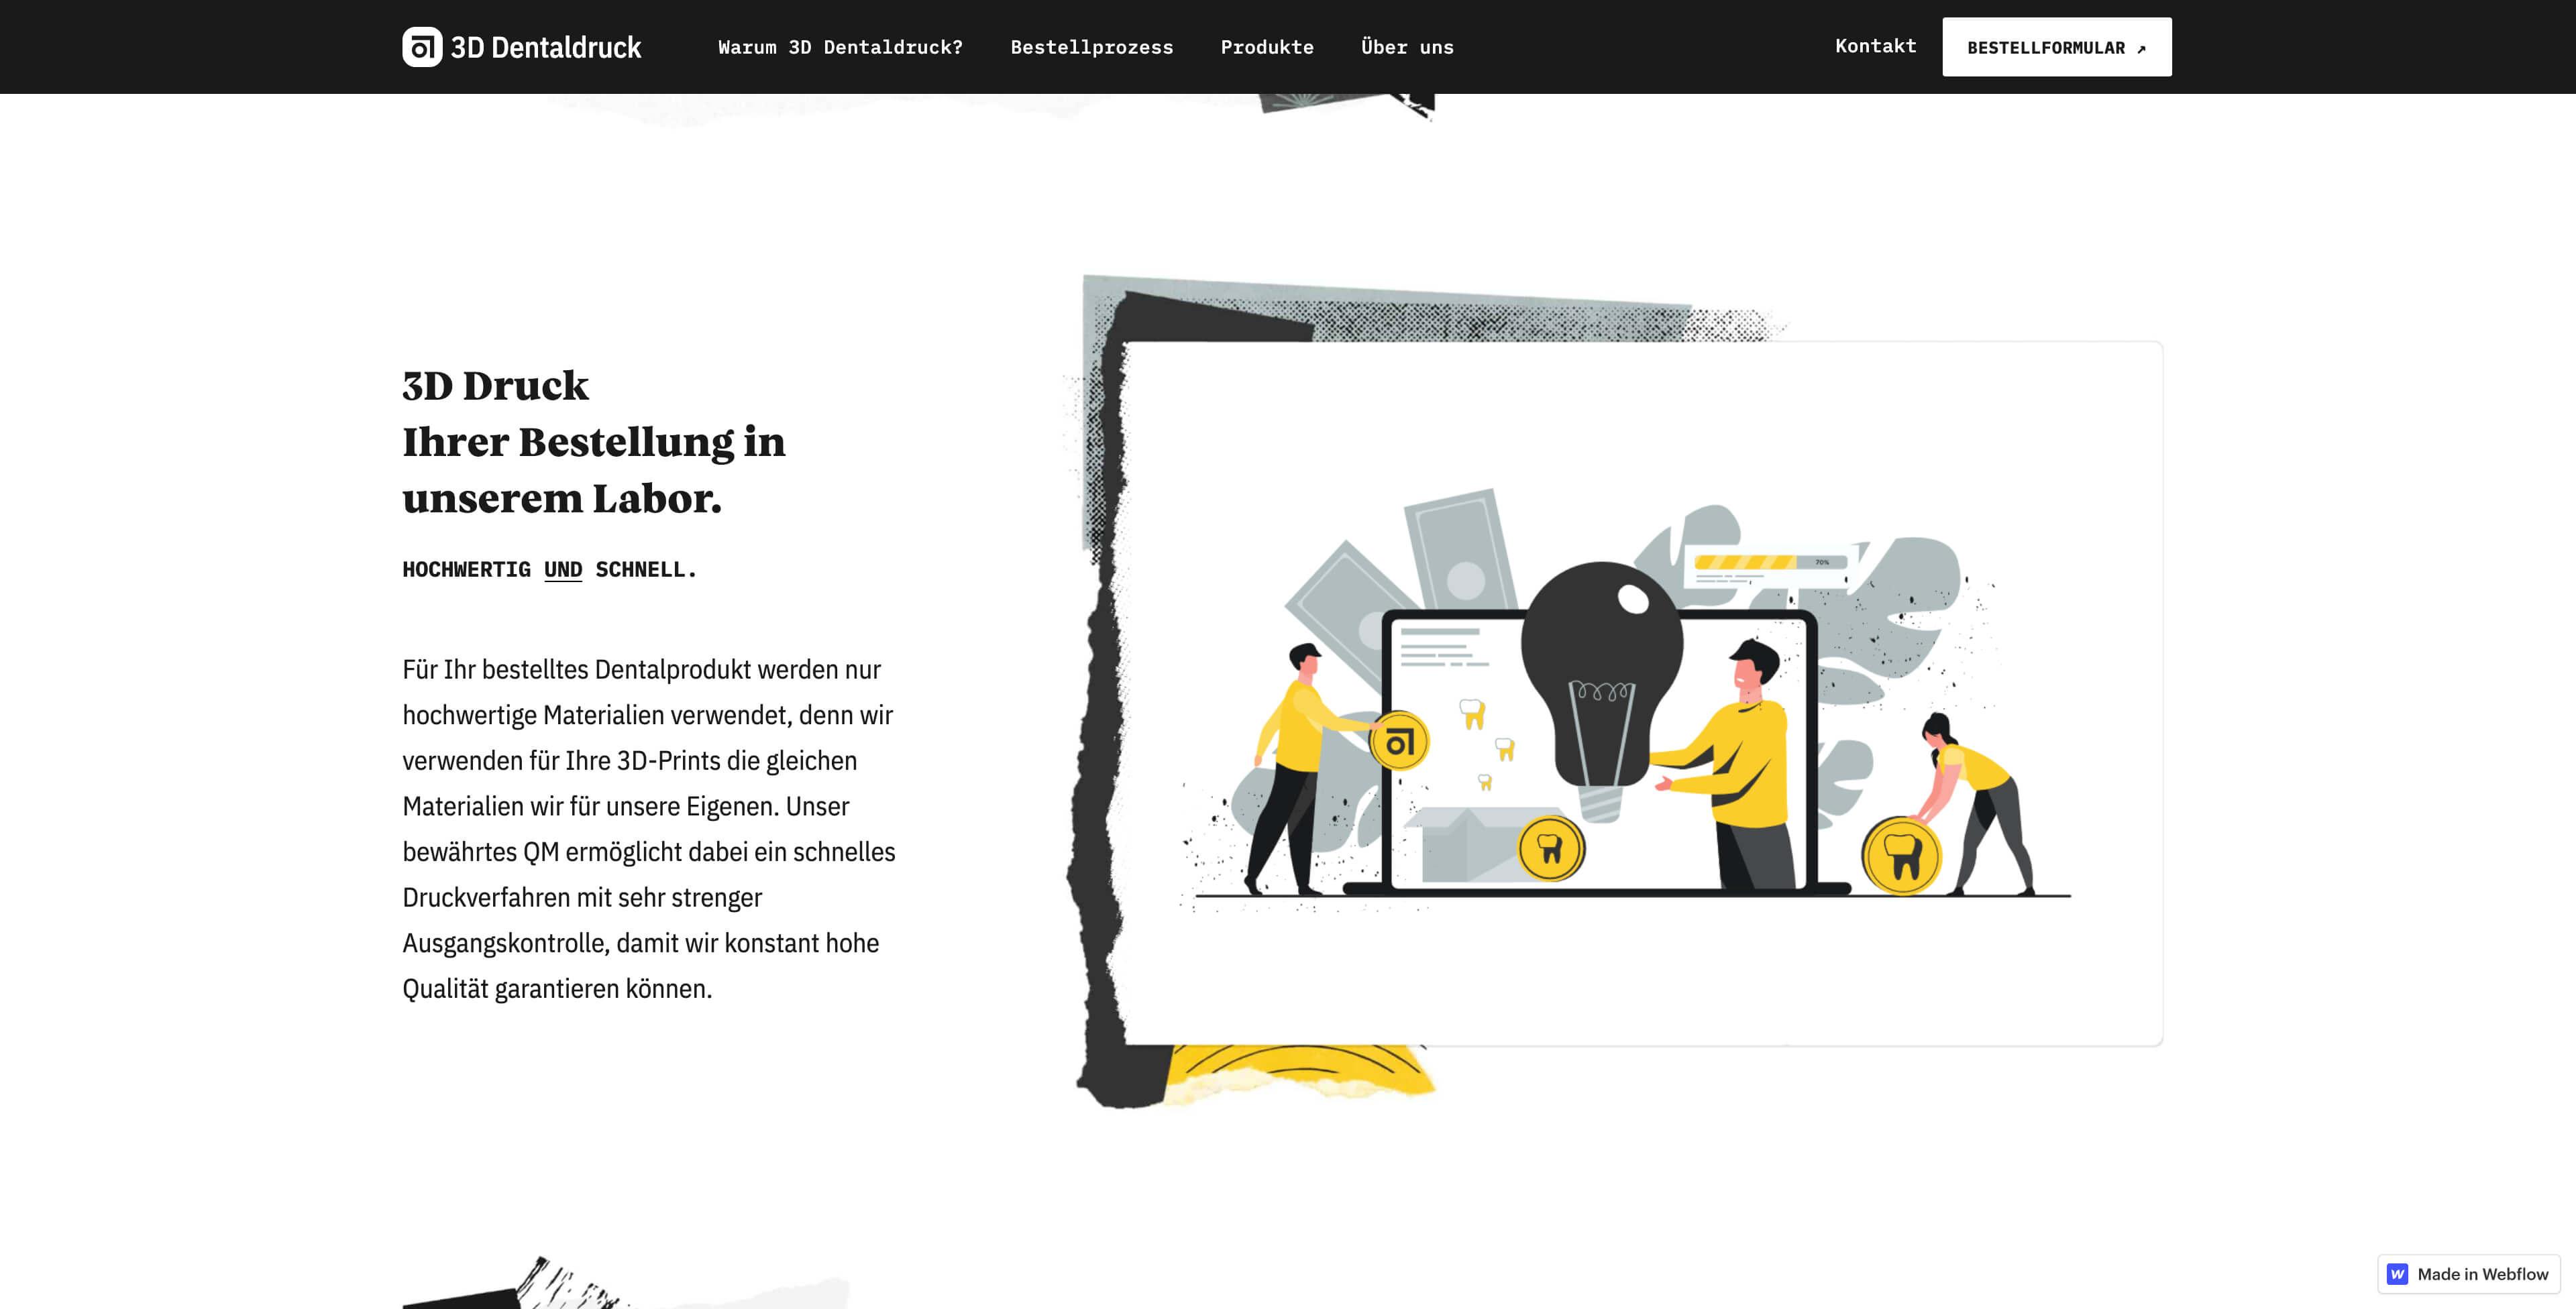 Bild der Website von 3D Dentaldruck erstellt von Hofling - Studio für Webdesign